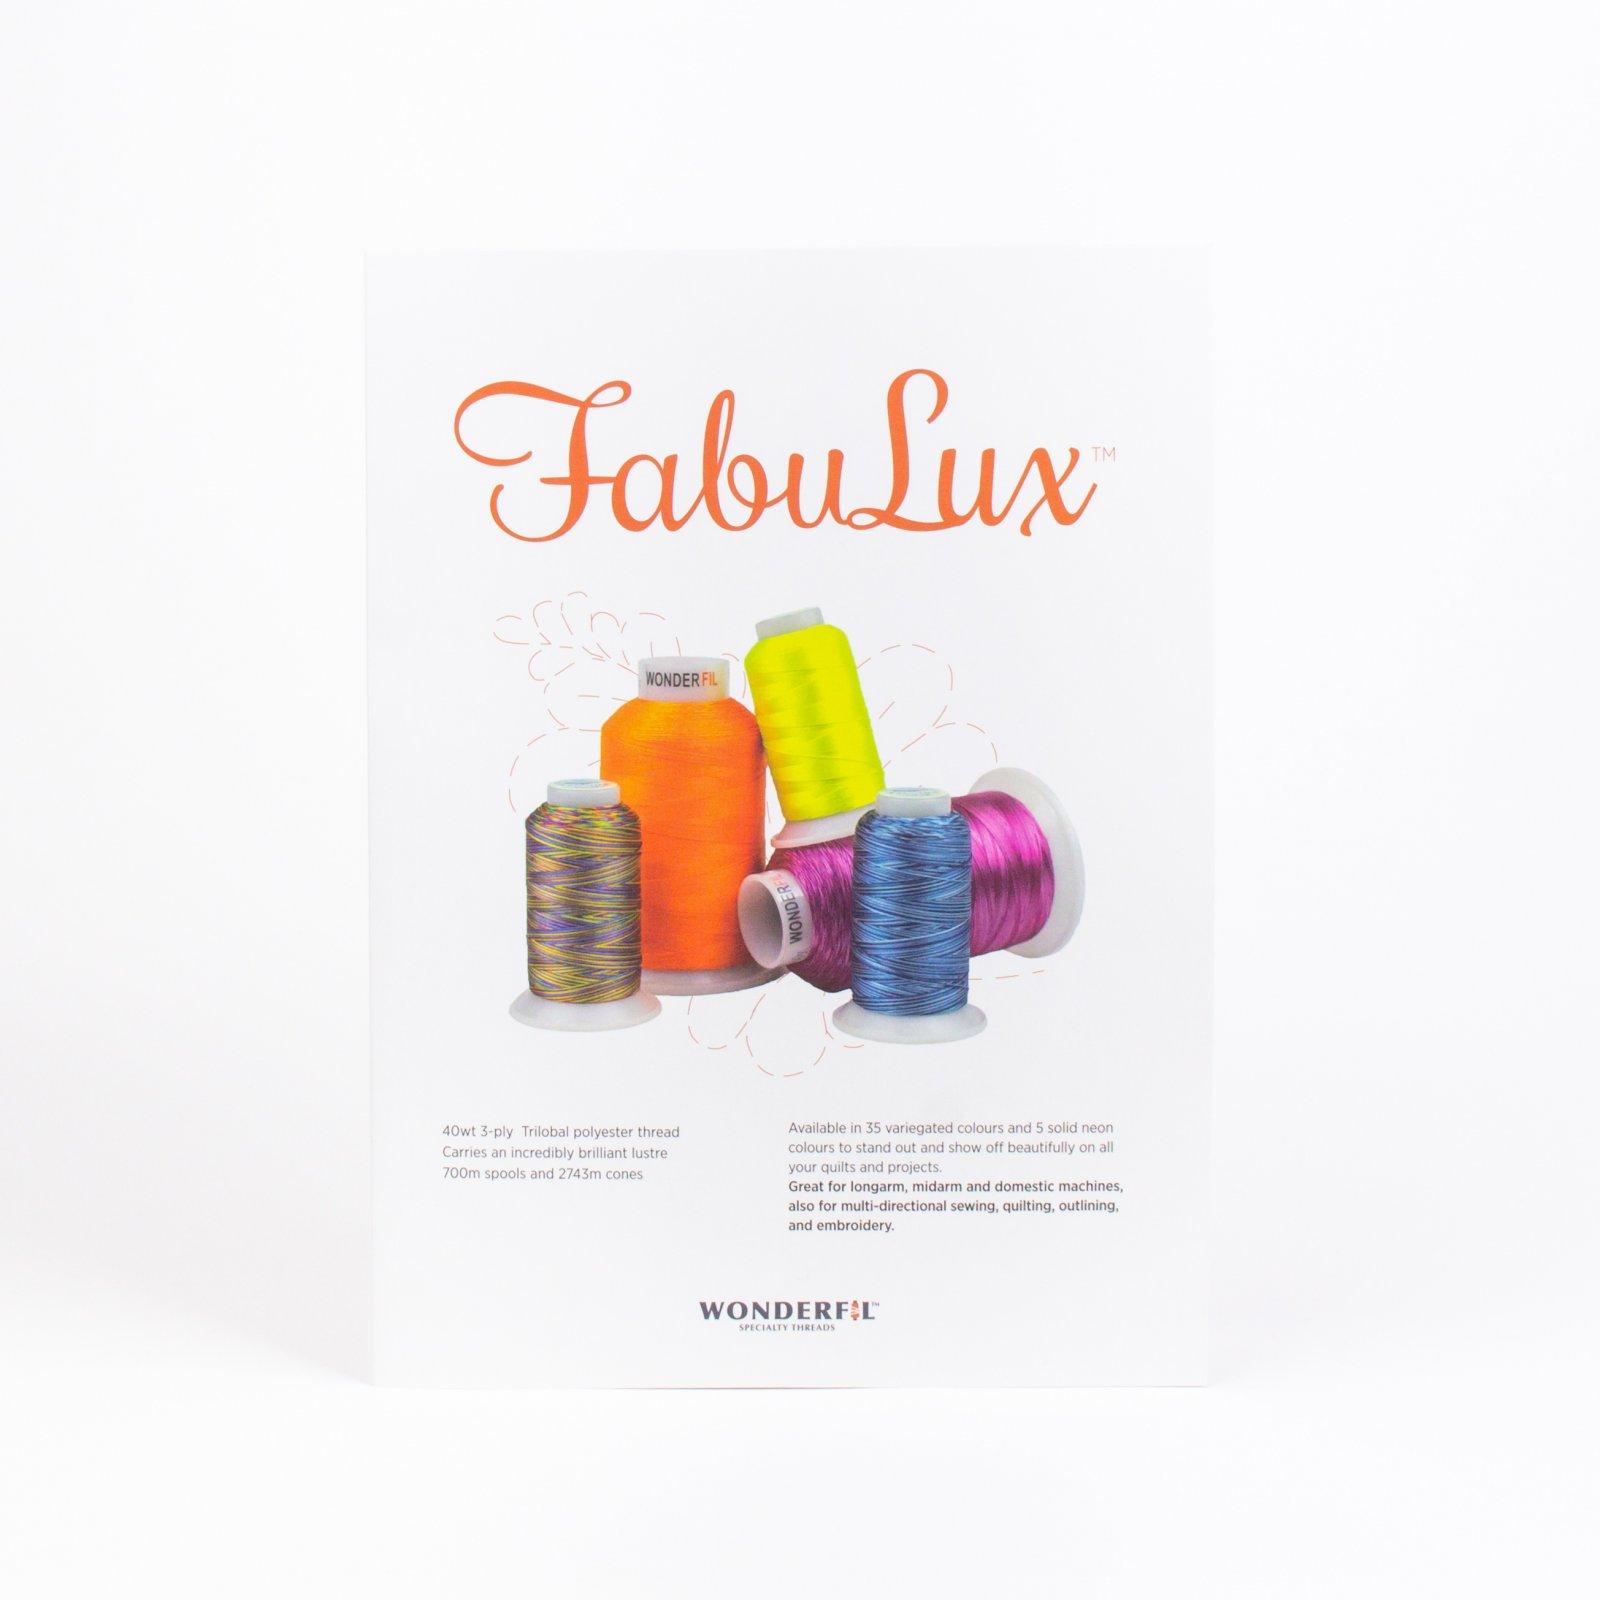 WOND-CB FB - FABULUX COLOR BOOKLET